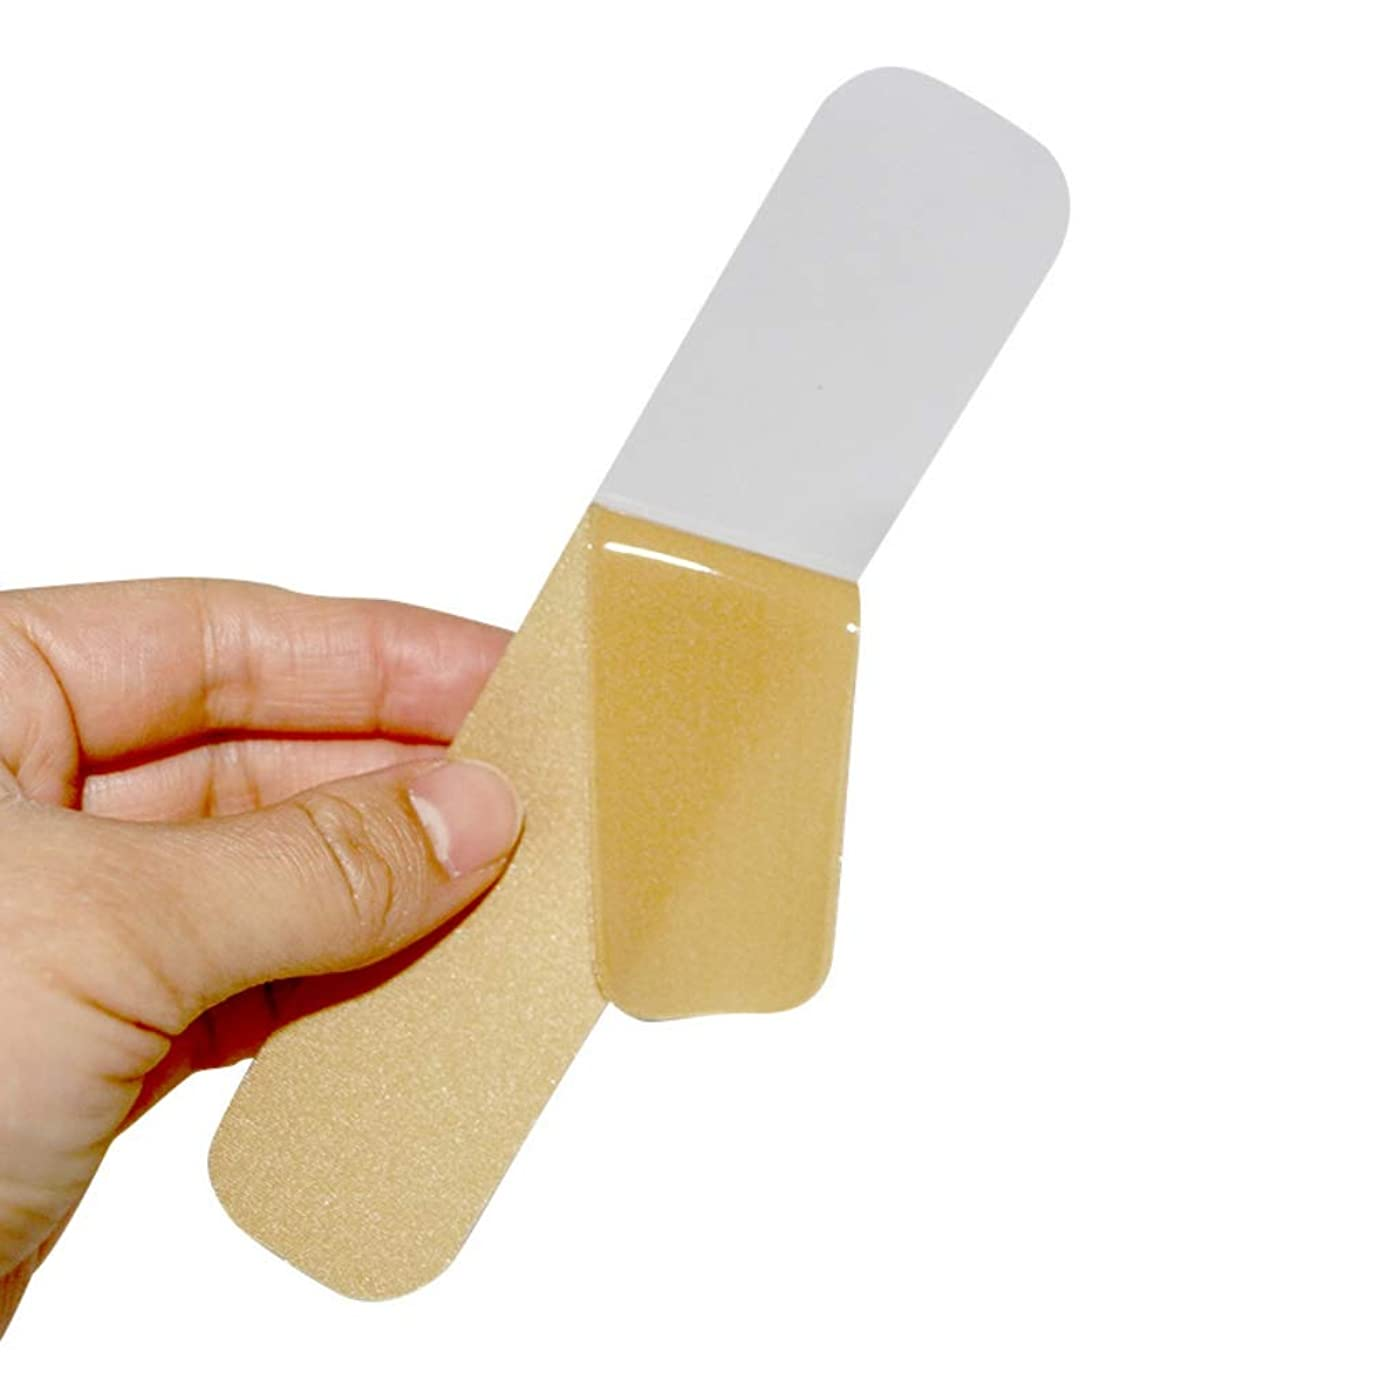 シーケンスのためにエンドウDkhsyシリコンゲル傷跡シートゲルパッチシリコンゲルパッチ再利用可能なシリコンゲルパッチ傷跡除去ヒーリングシート皮膚修復シーティング